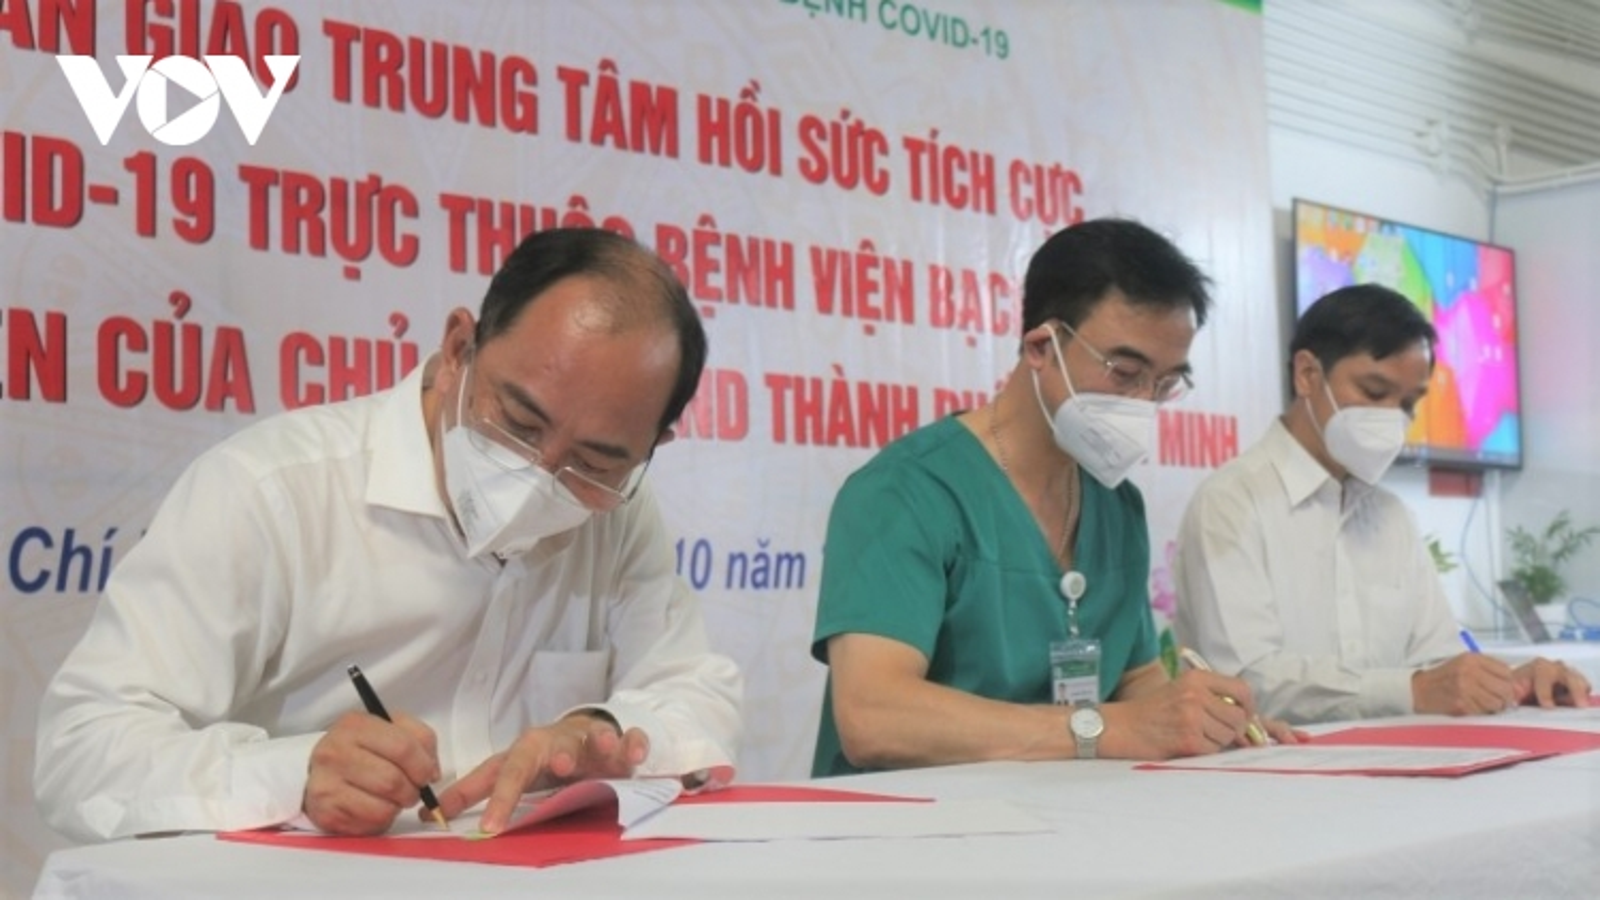 Bệnh viện Bạch Mai bàn giao Bệnh viện dã chiến số 16 cho TP.HCM